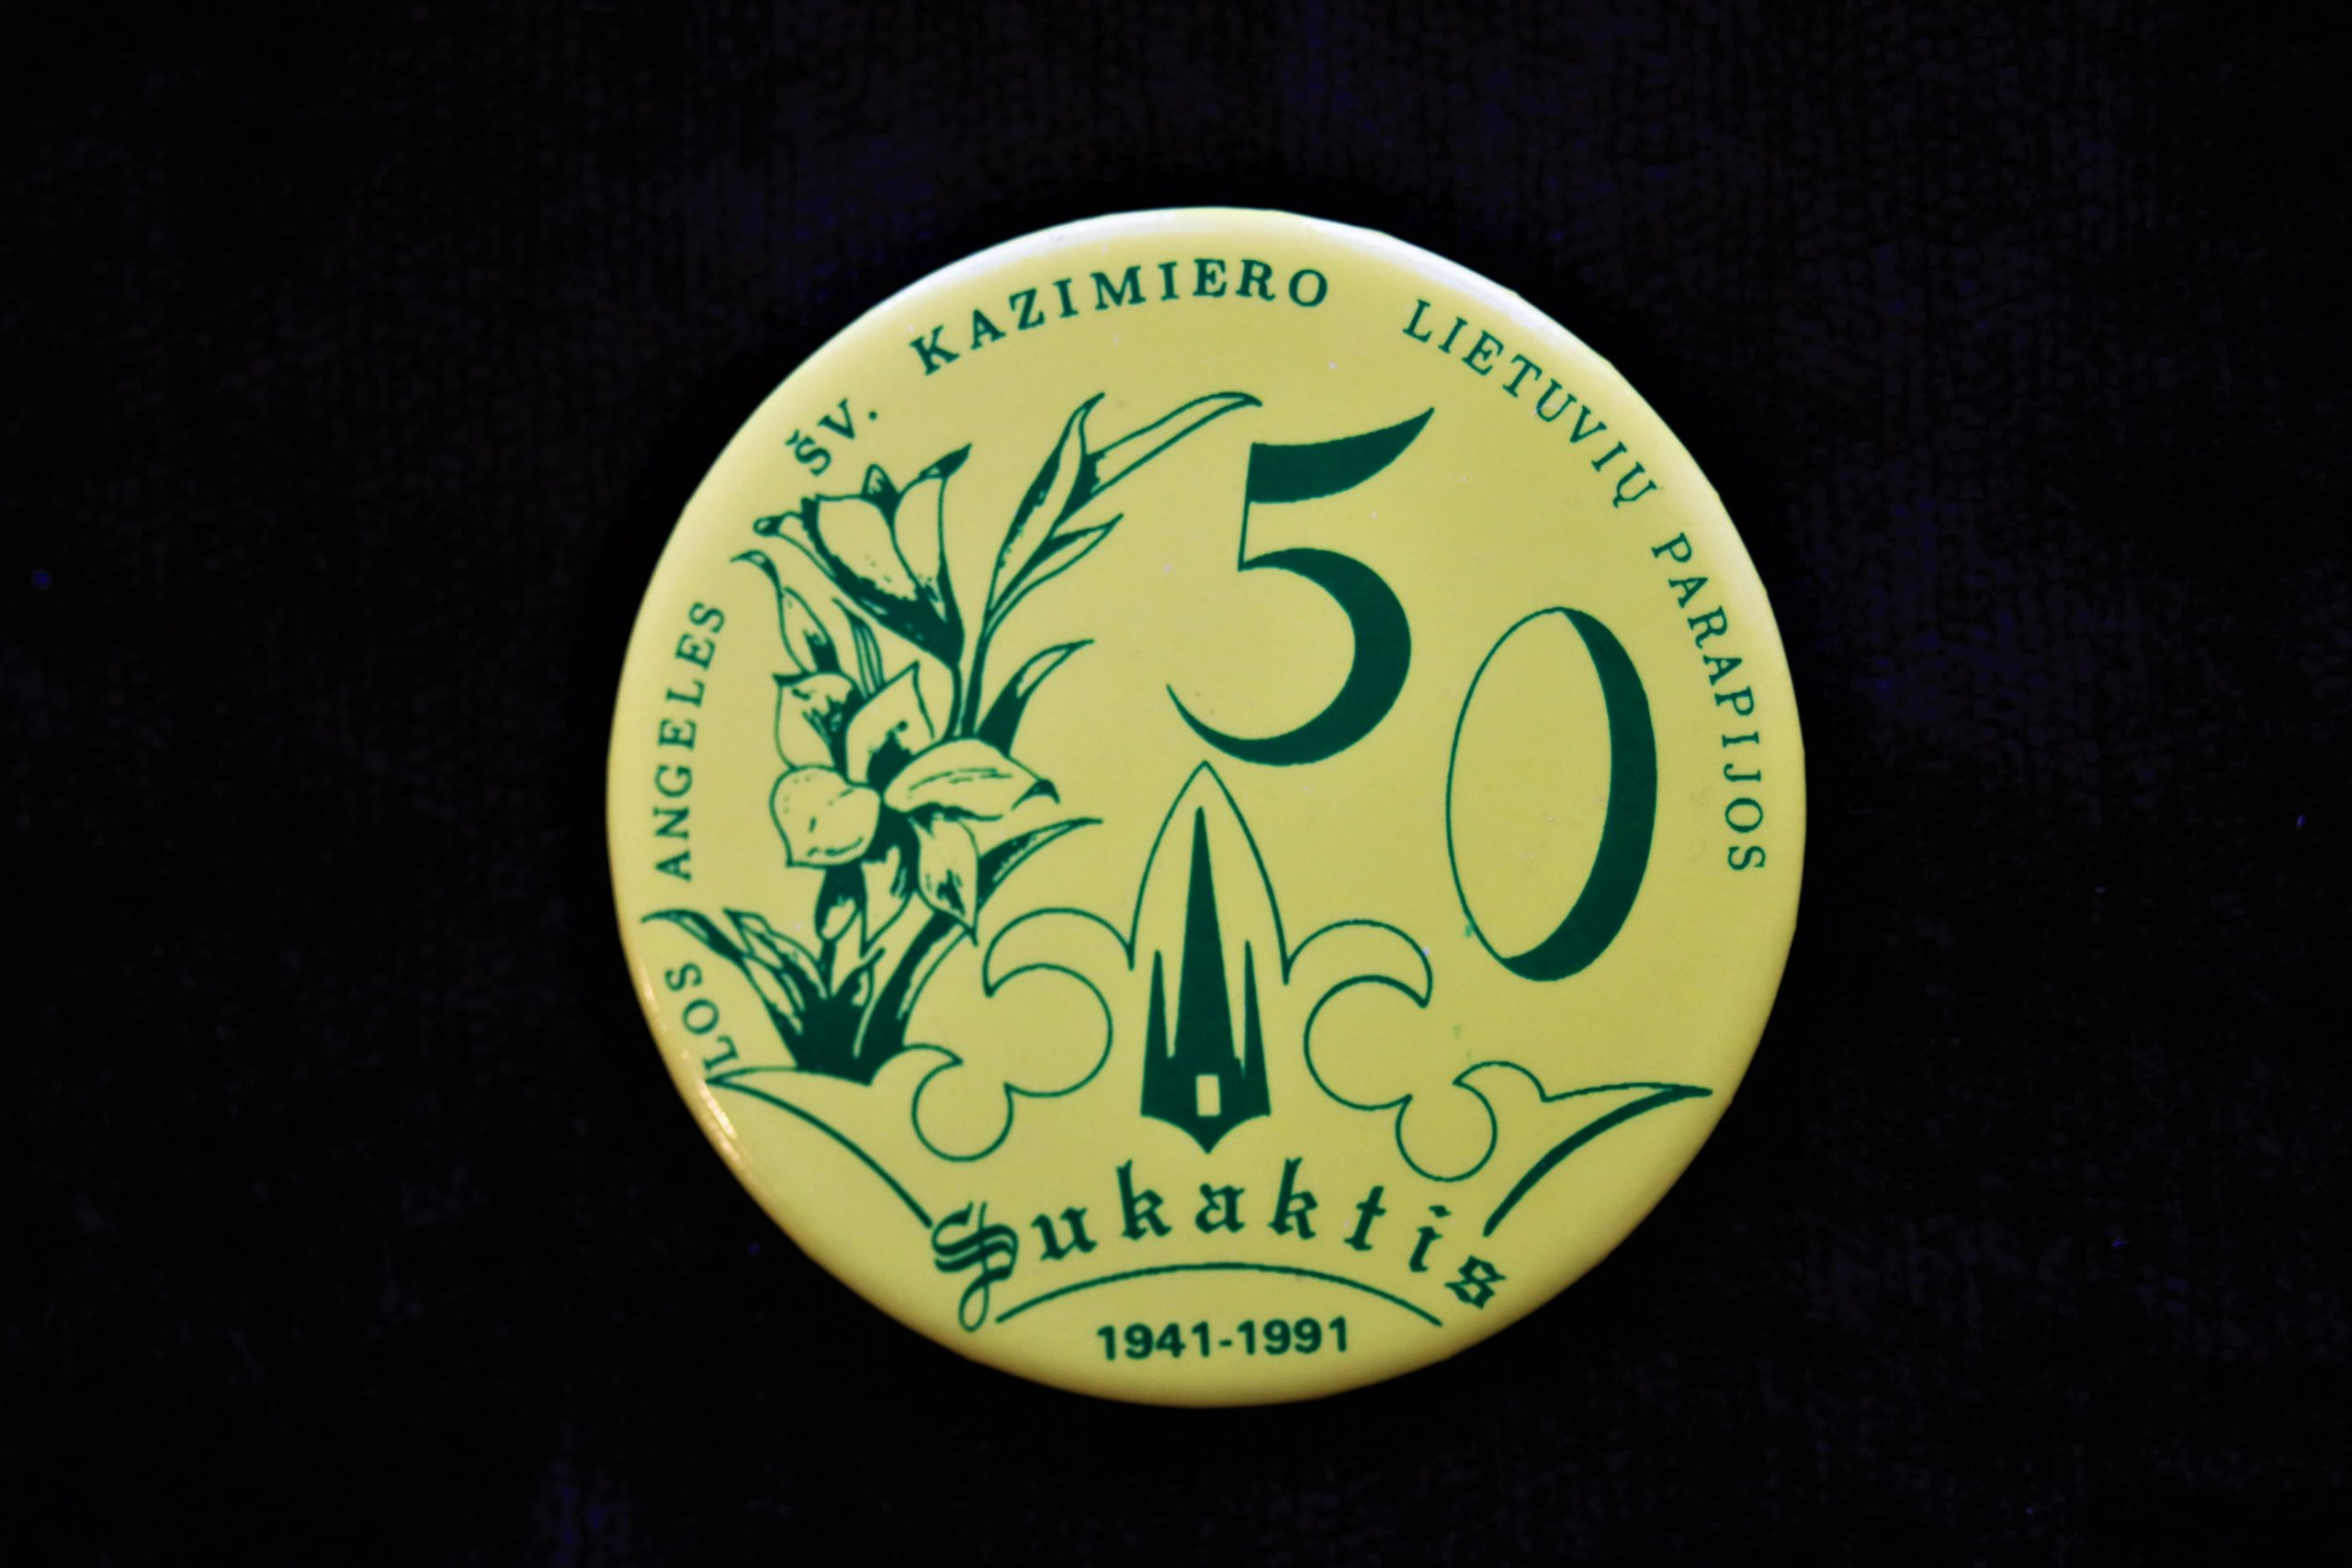 Šv. Kazimiero lietuvių parapijos 50 metų sukakties ženklelis. Los Angeles